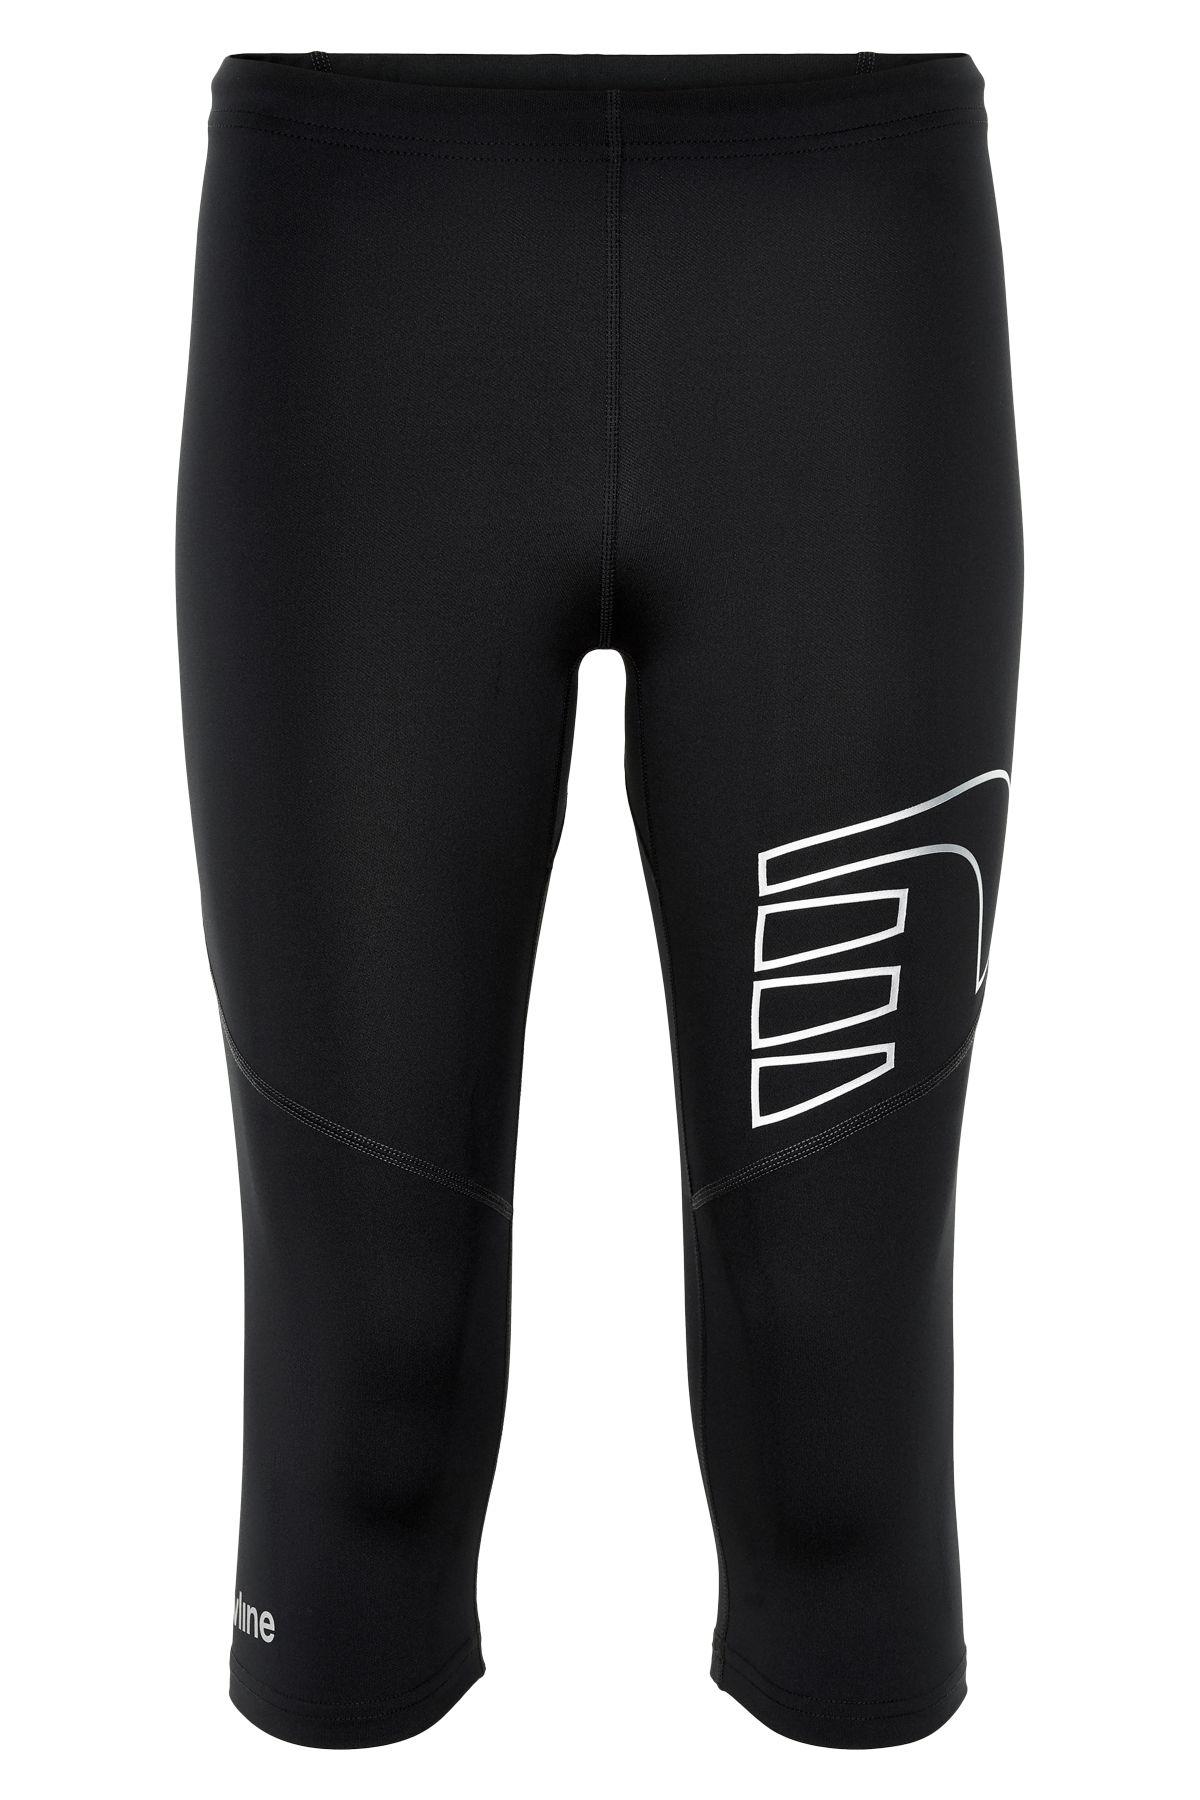 Newline W Knee Core tights, black, small